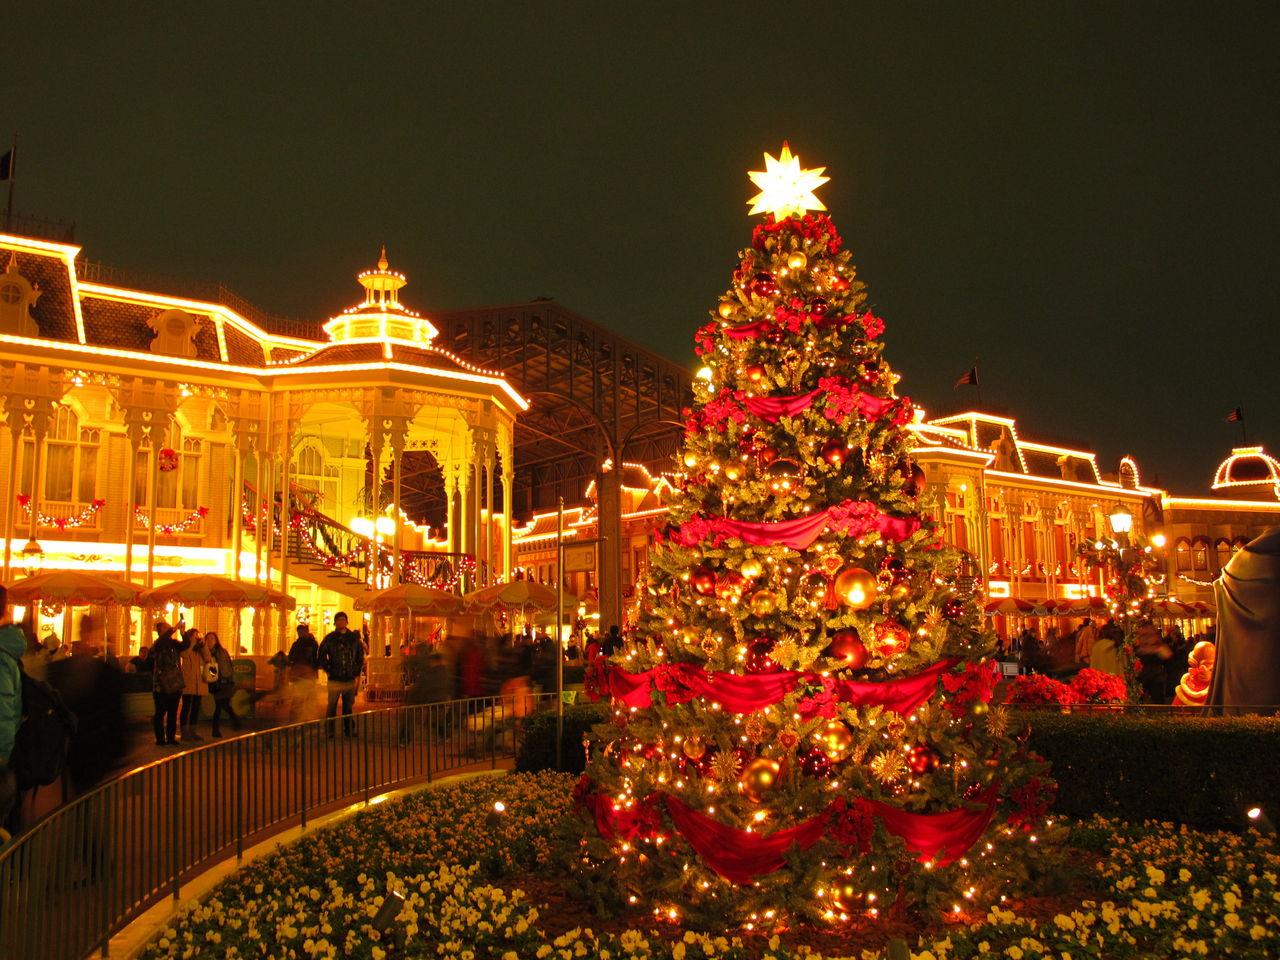 東京ディズニーランド ぶらりクリスマス 夜のワールドバザール